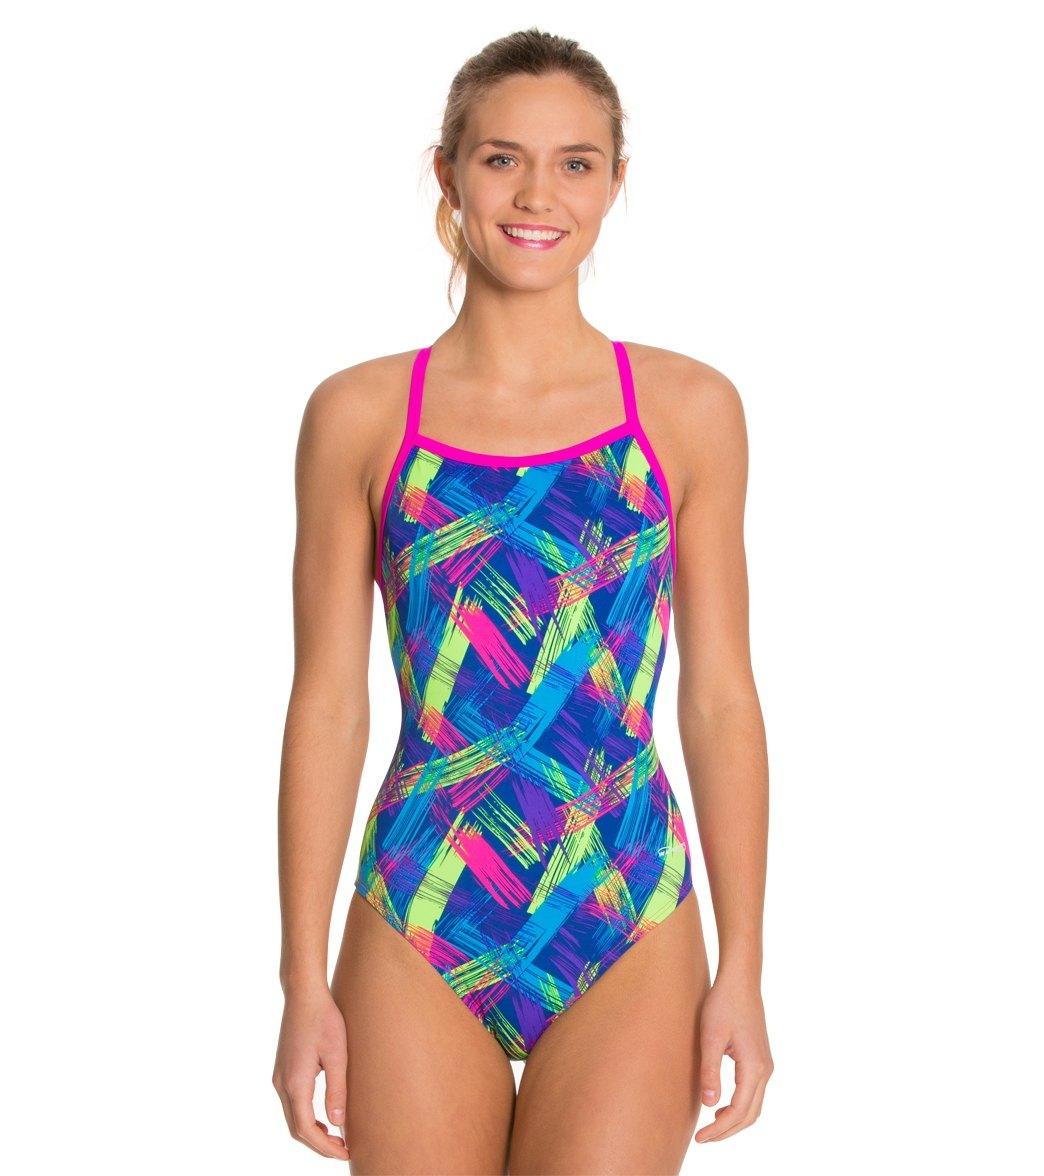 739475a929c14 ... Waterpro Neon One Piece Swimsuit. MODEL MEASUREMENTS